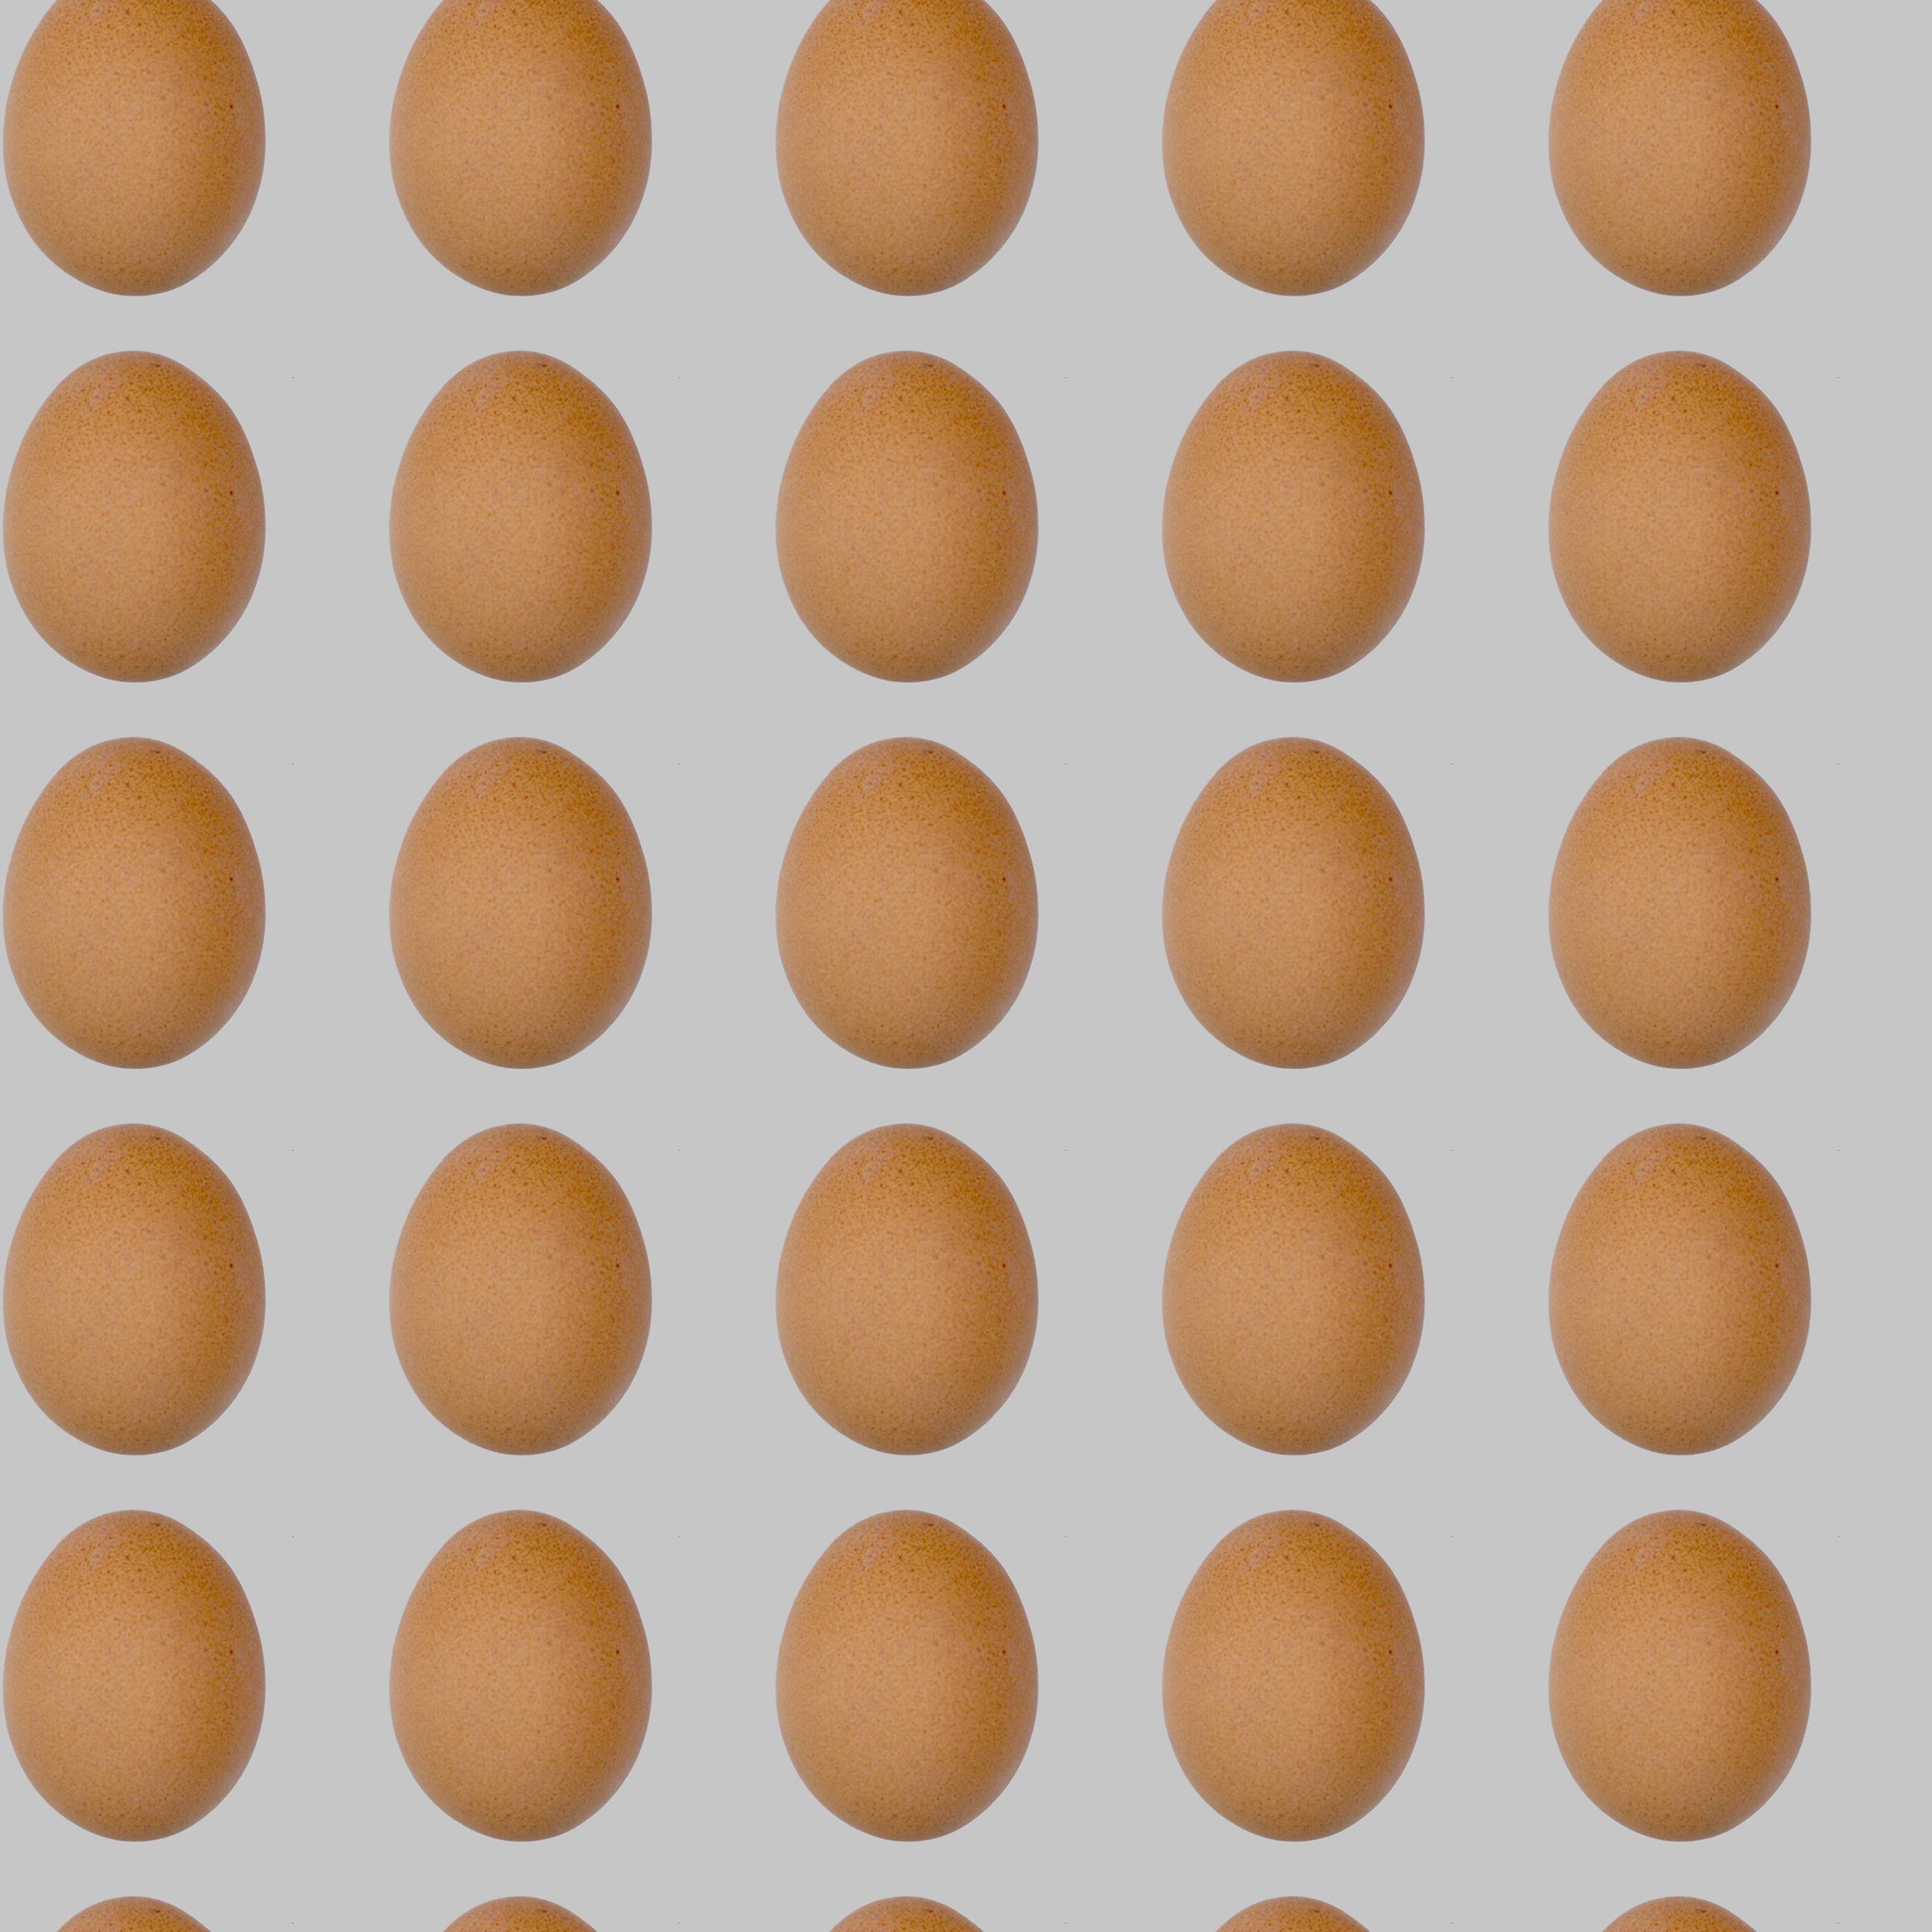 Eggs Wallpaper Pattern